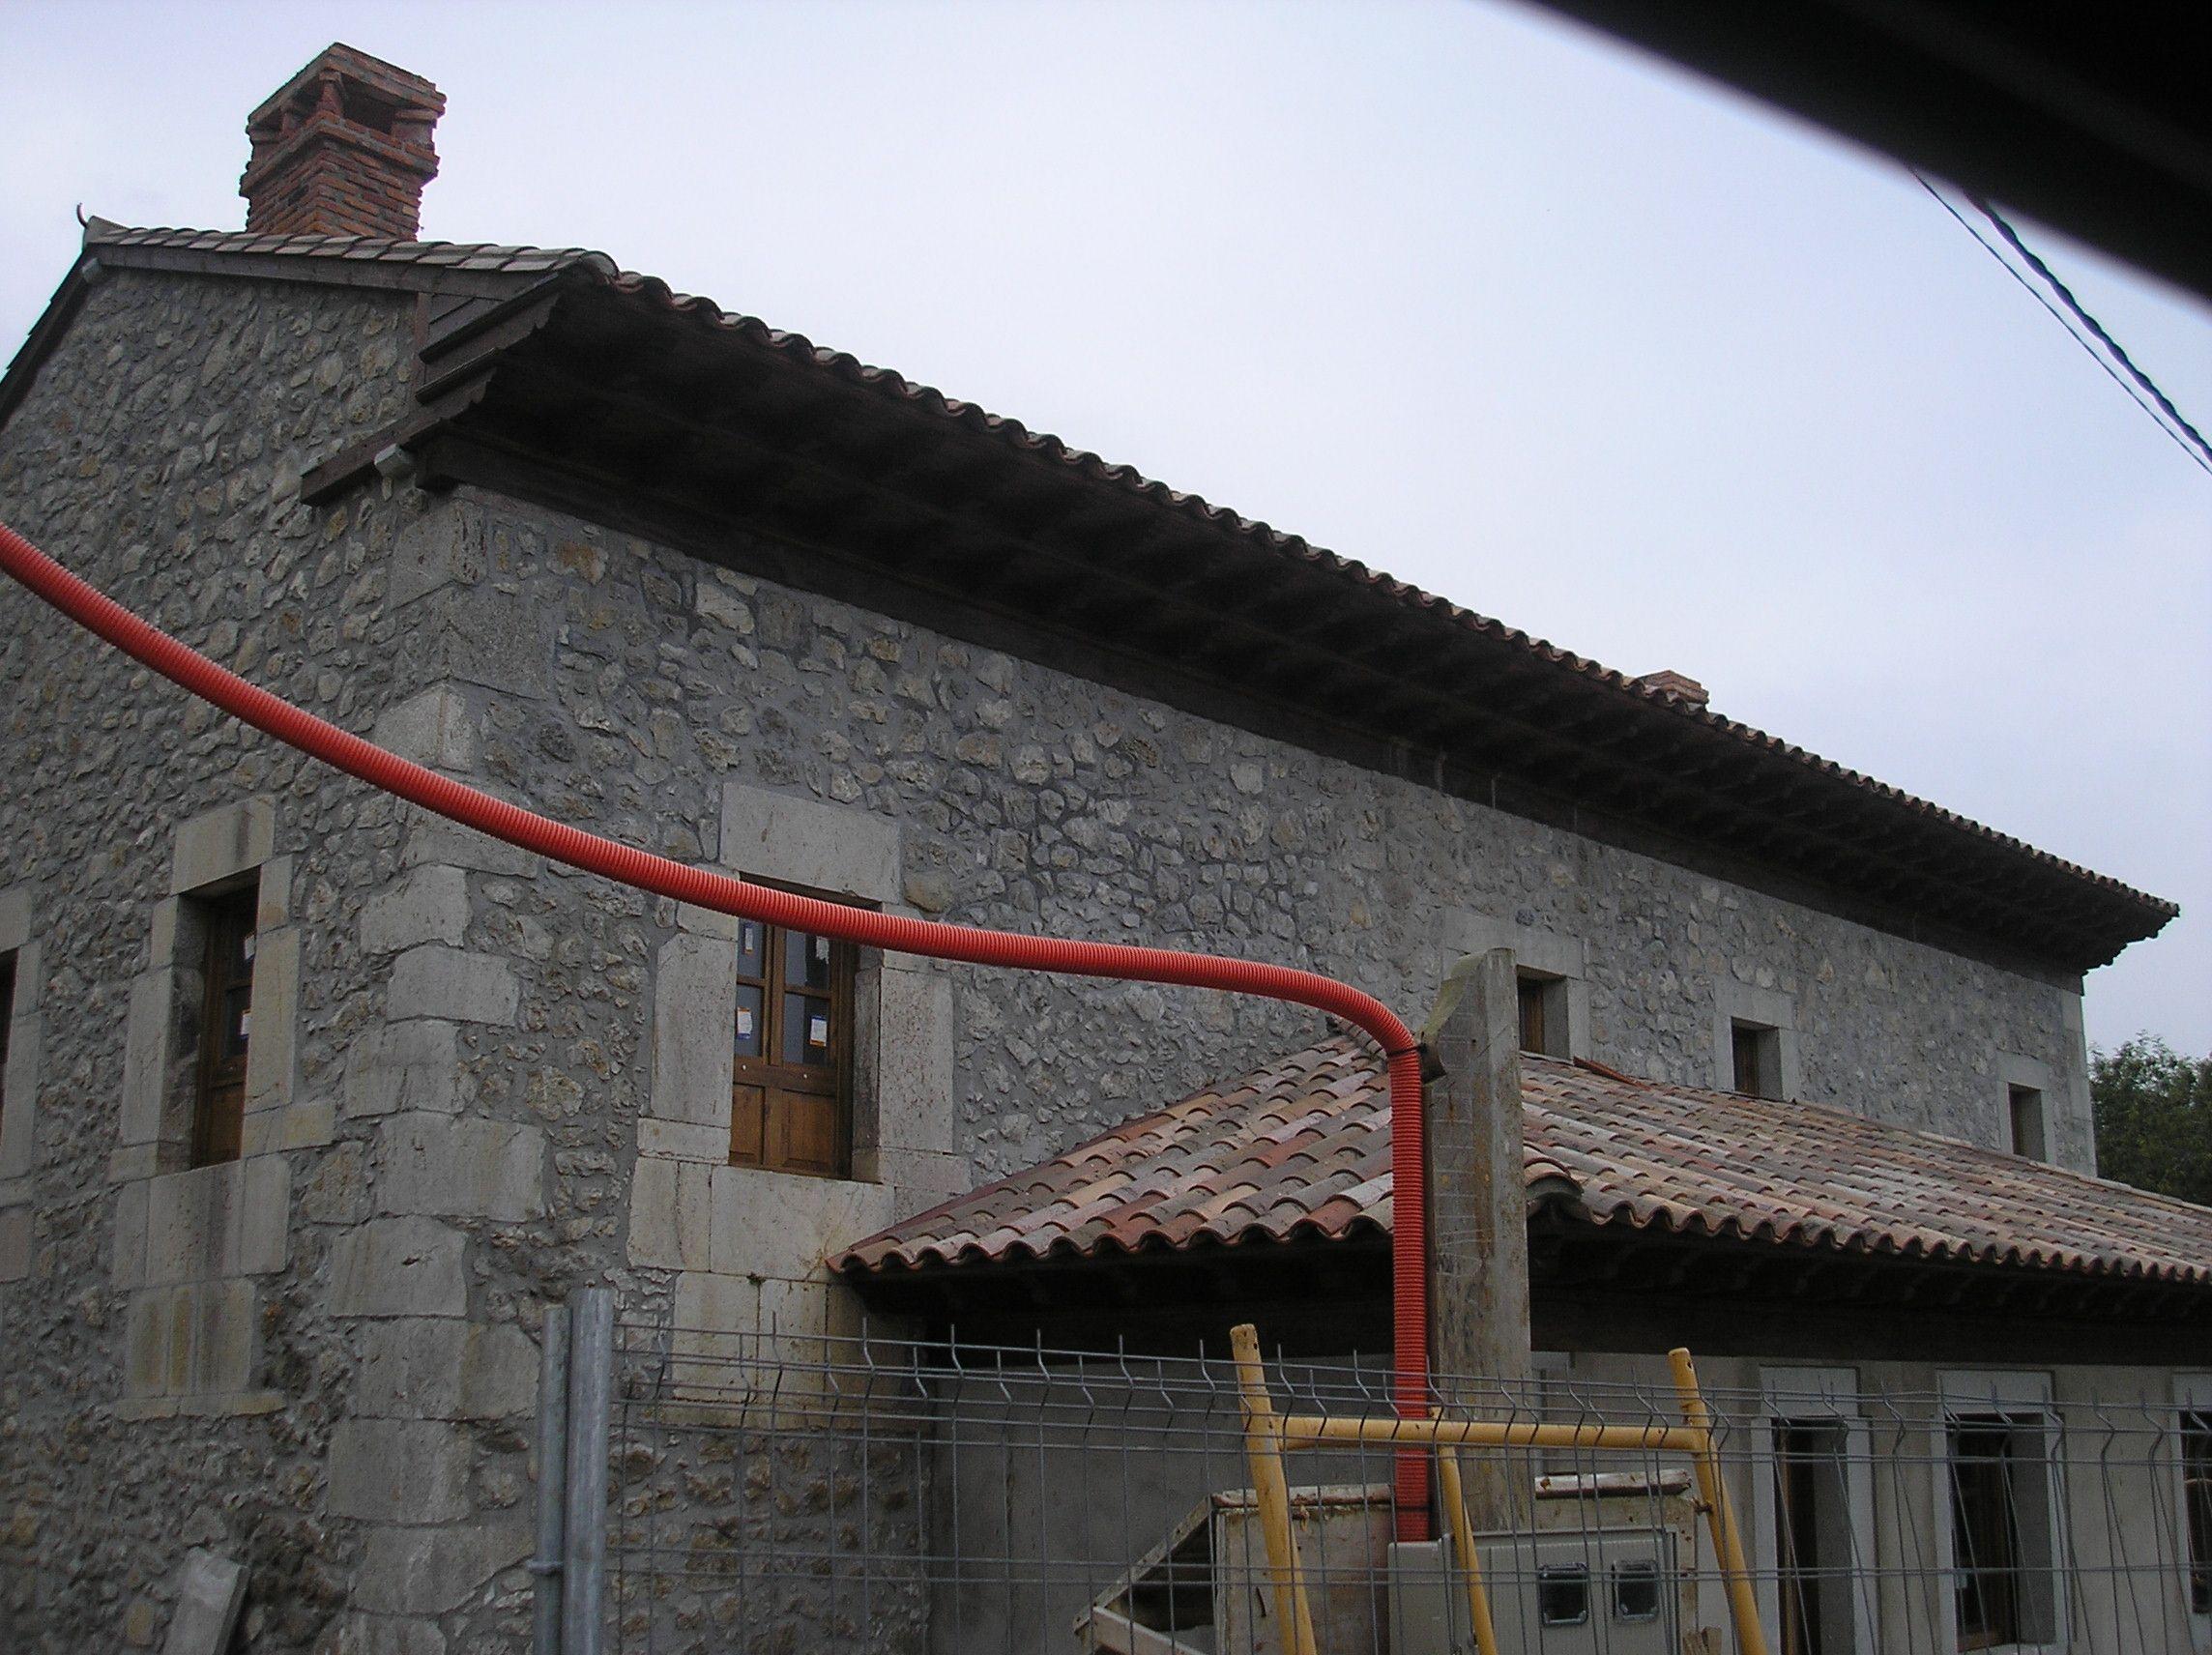 Tejado a dos aguas y tejadillo a 3 aguas en casa estilo for Tejados de madera a dos aguas